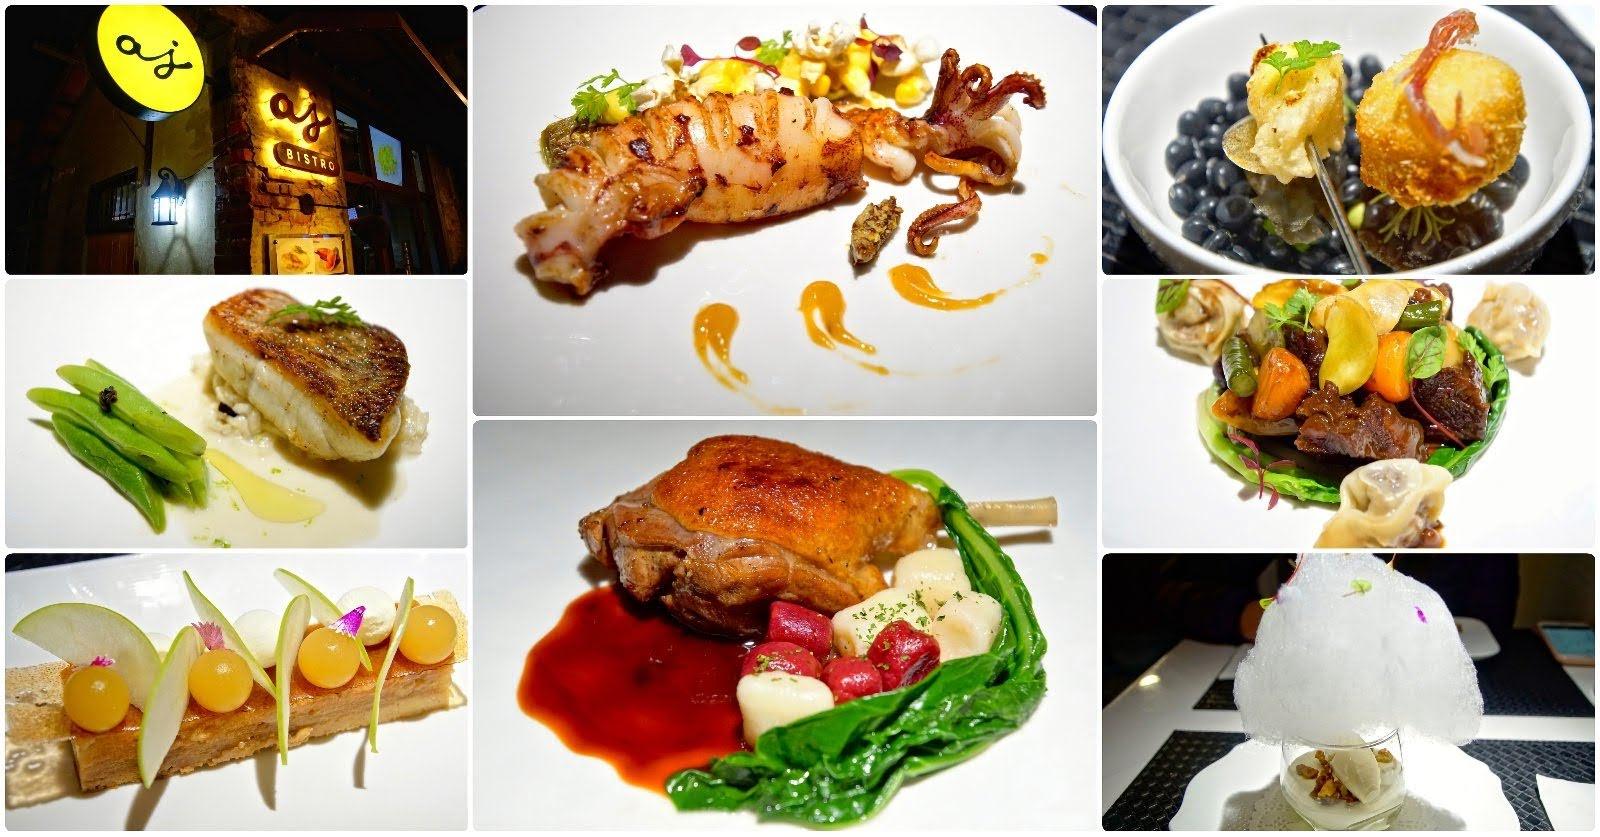 [台南][中西區] A J法式料理|A J bistro|迷你法式餐點|食記